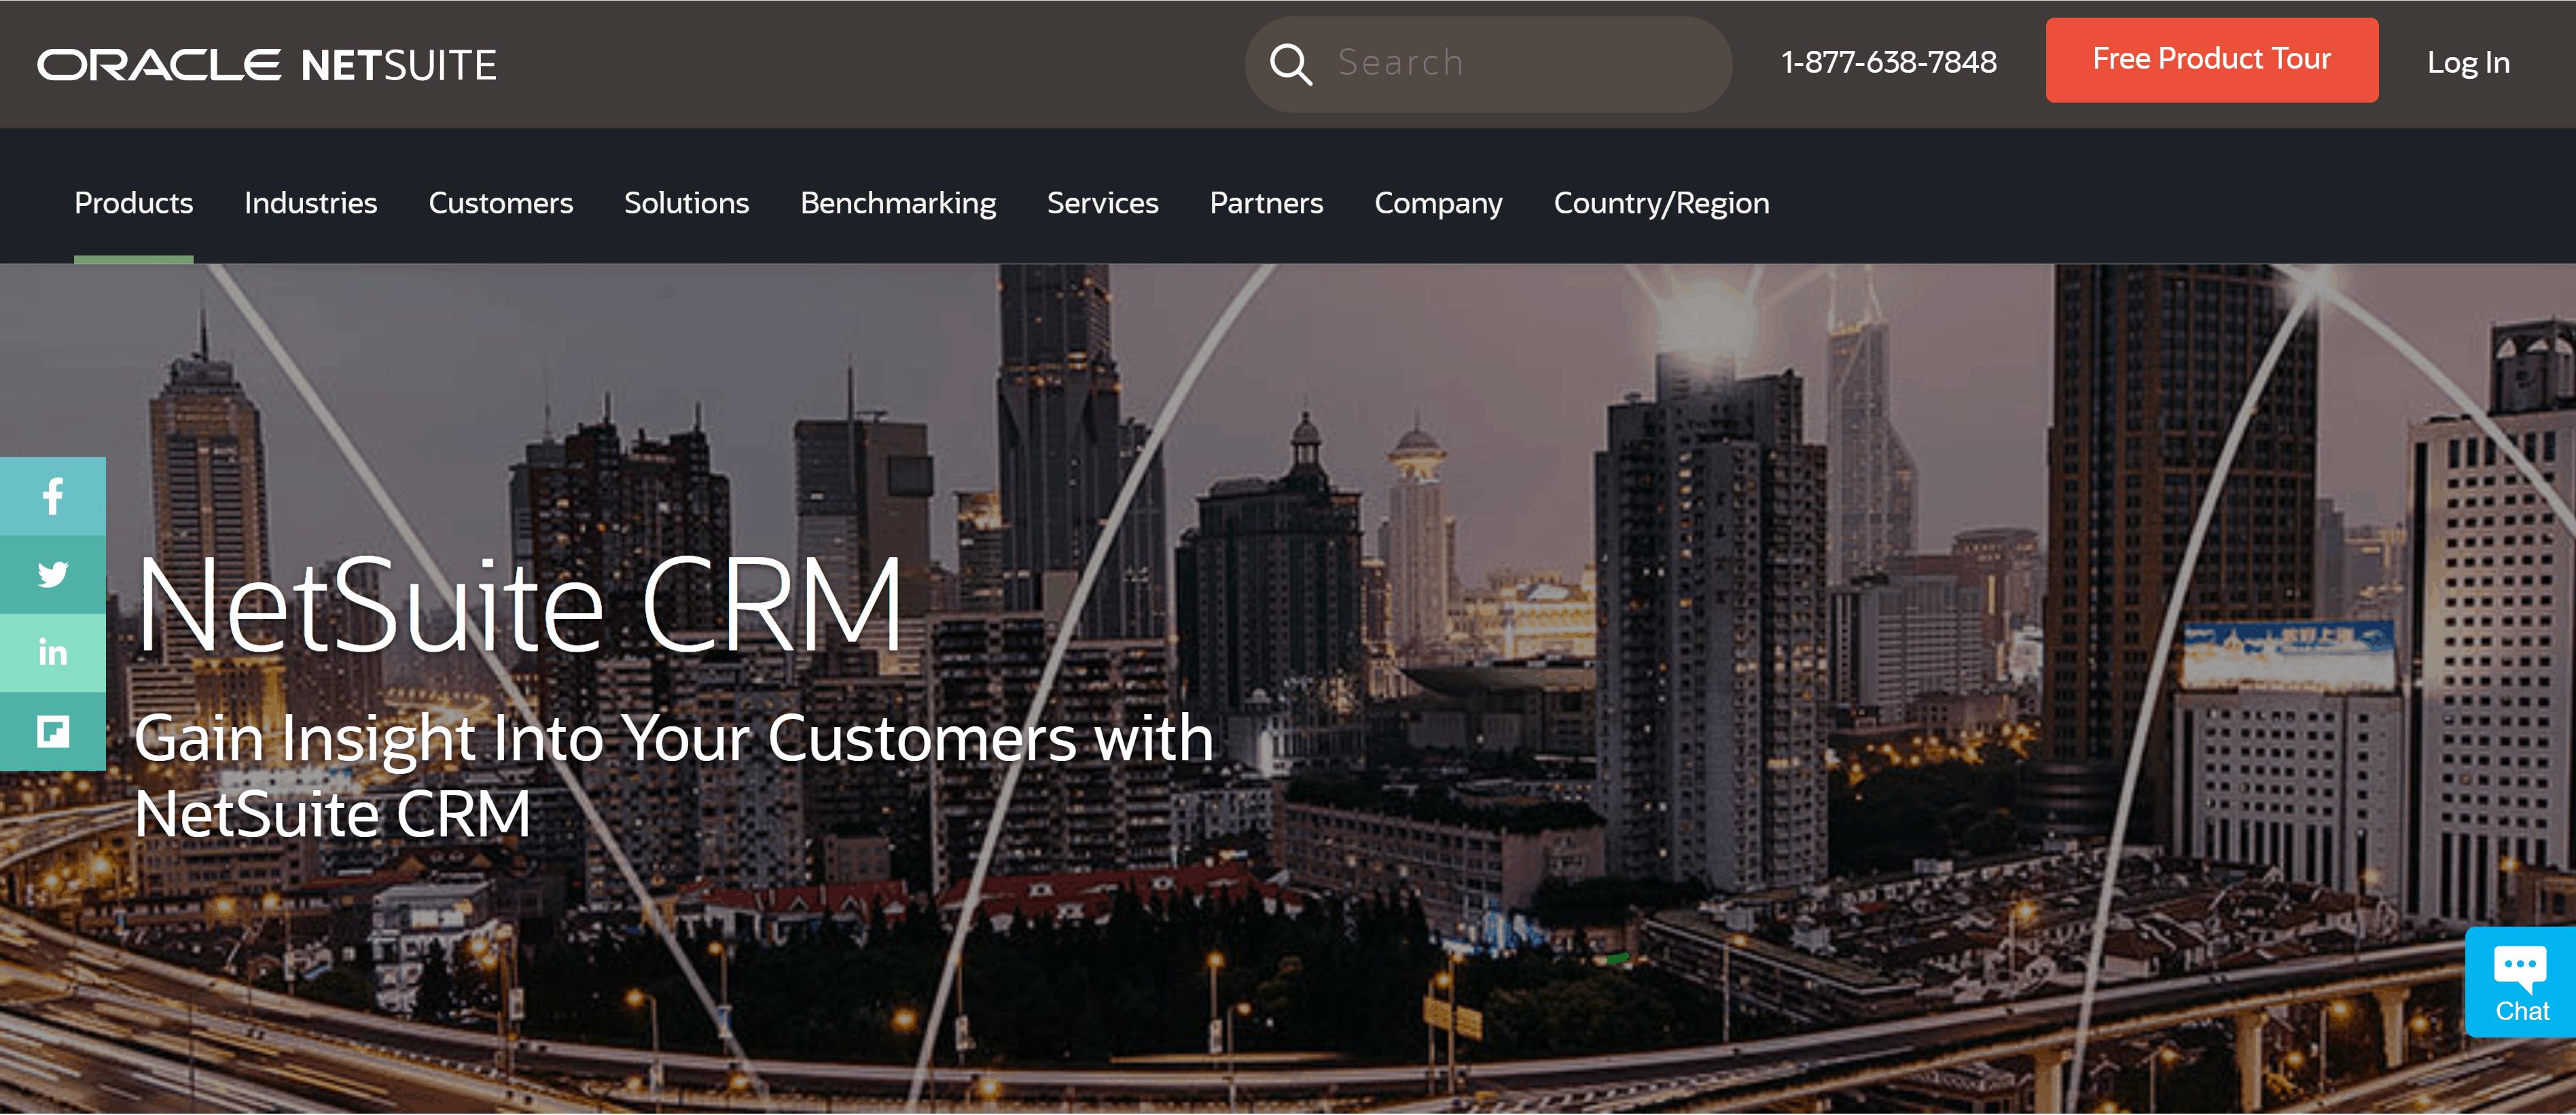 Oracle + Netsuite CRM tool